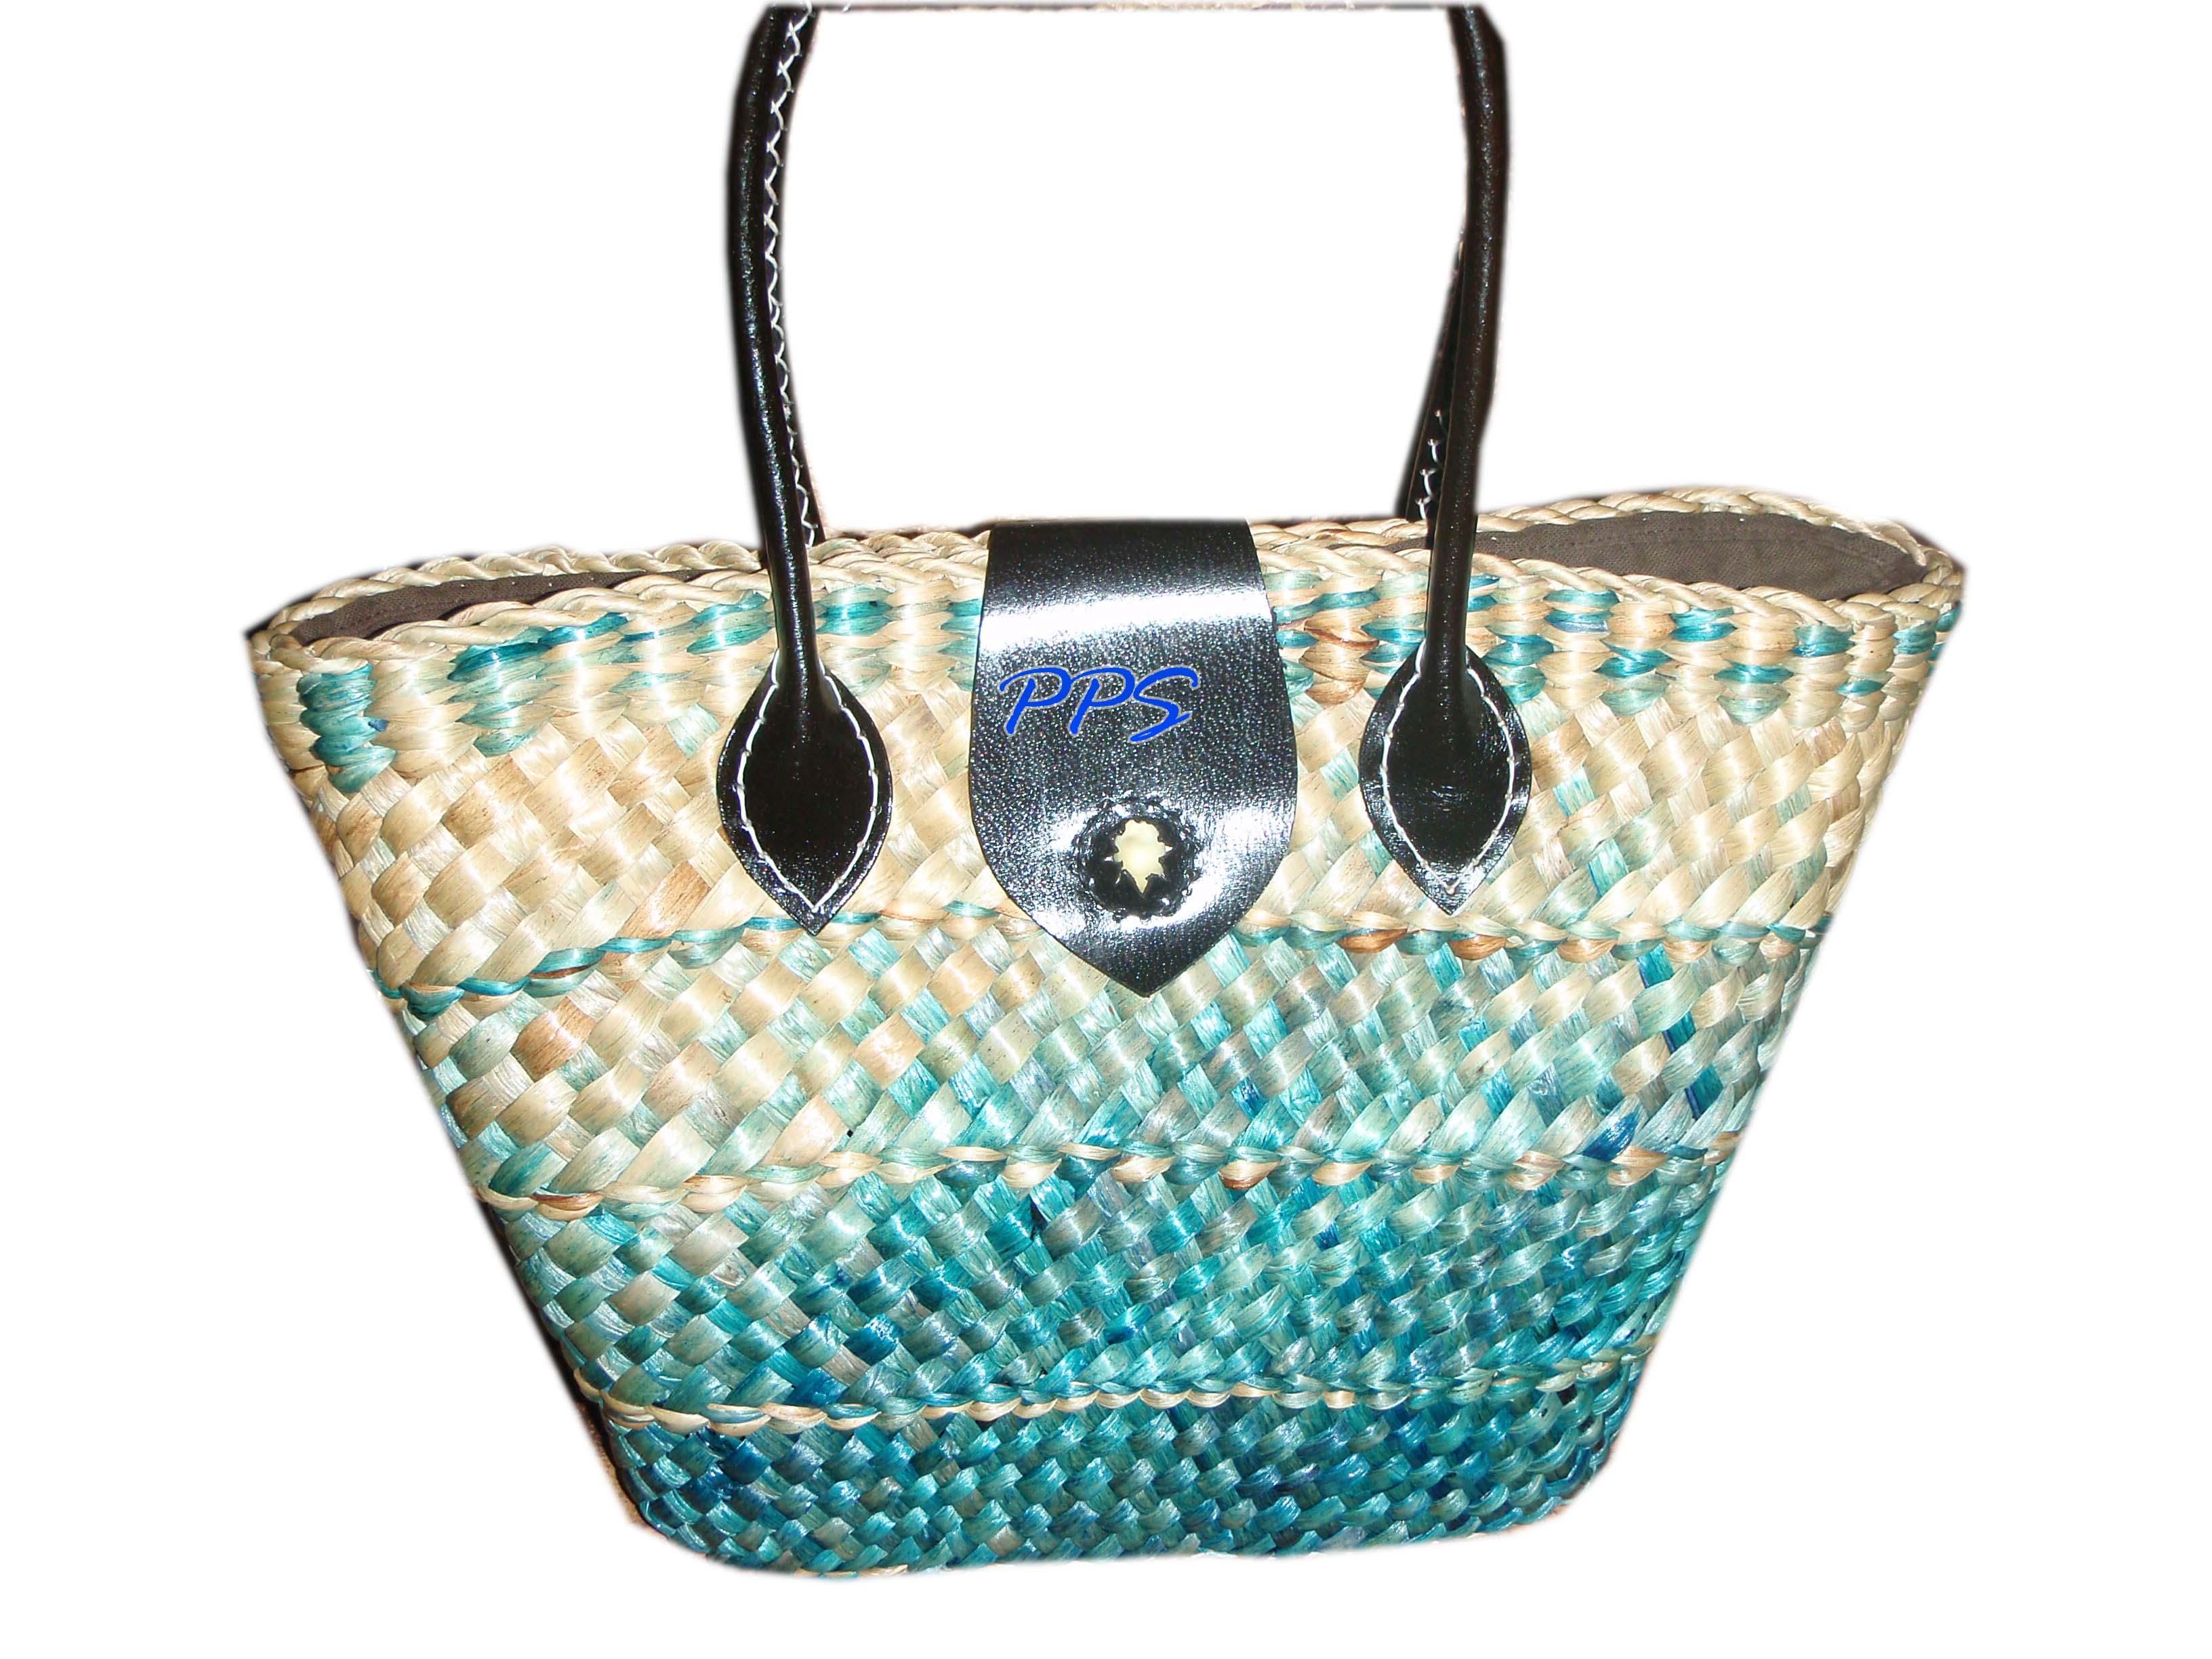 Hyacinth Bag-PPS Bag brand16